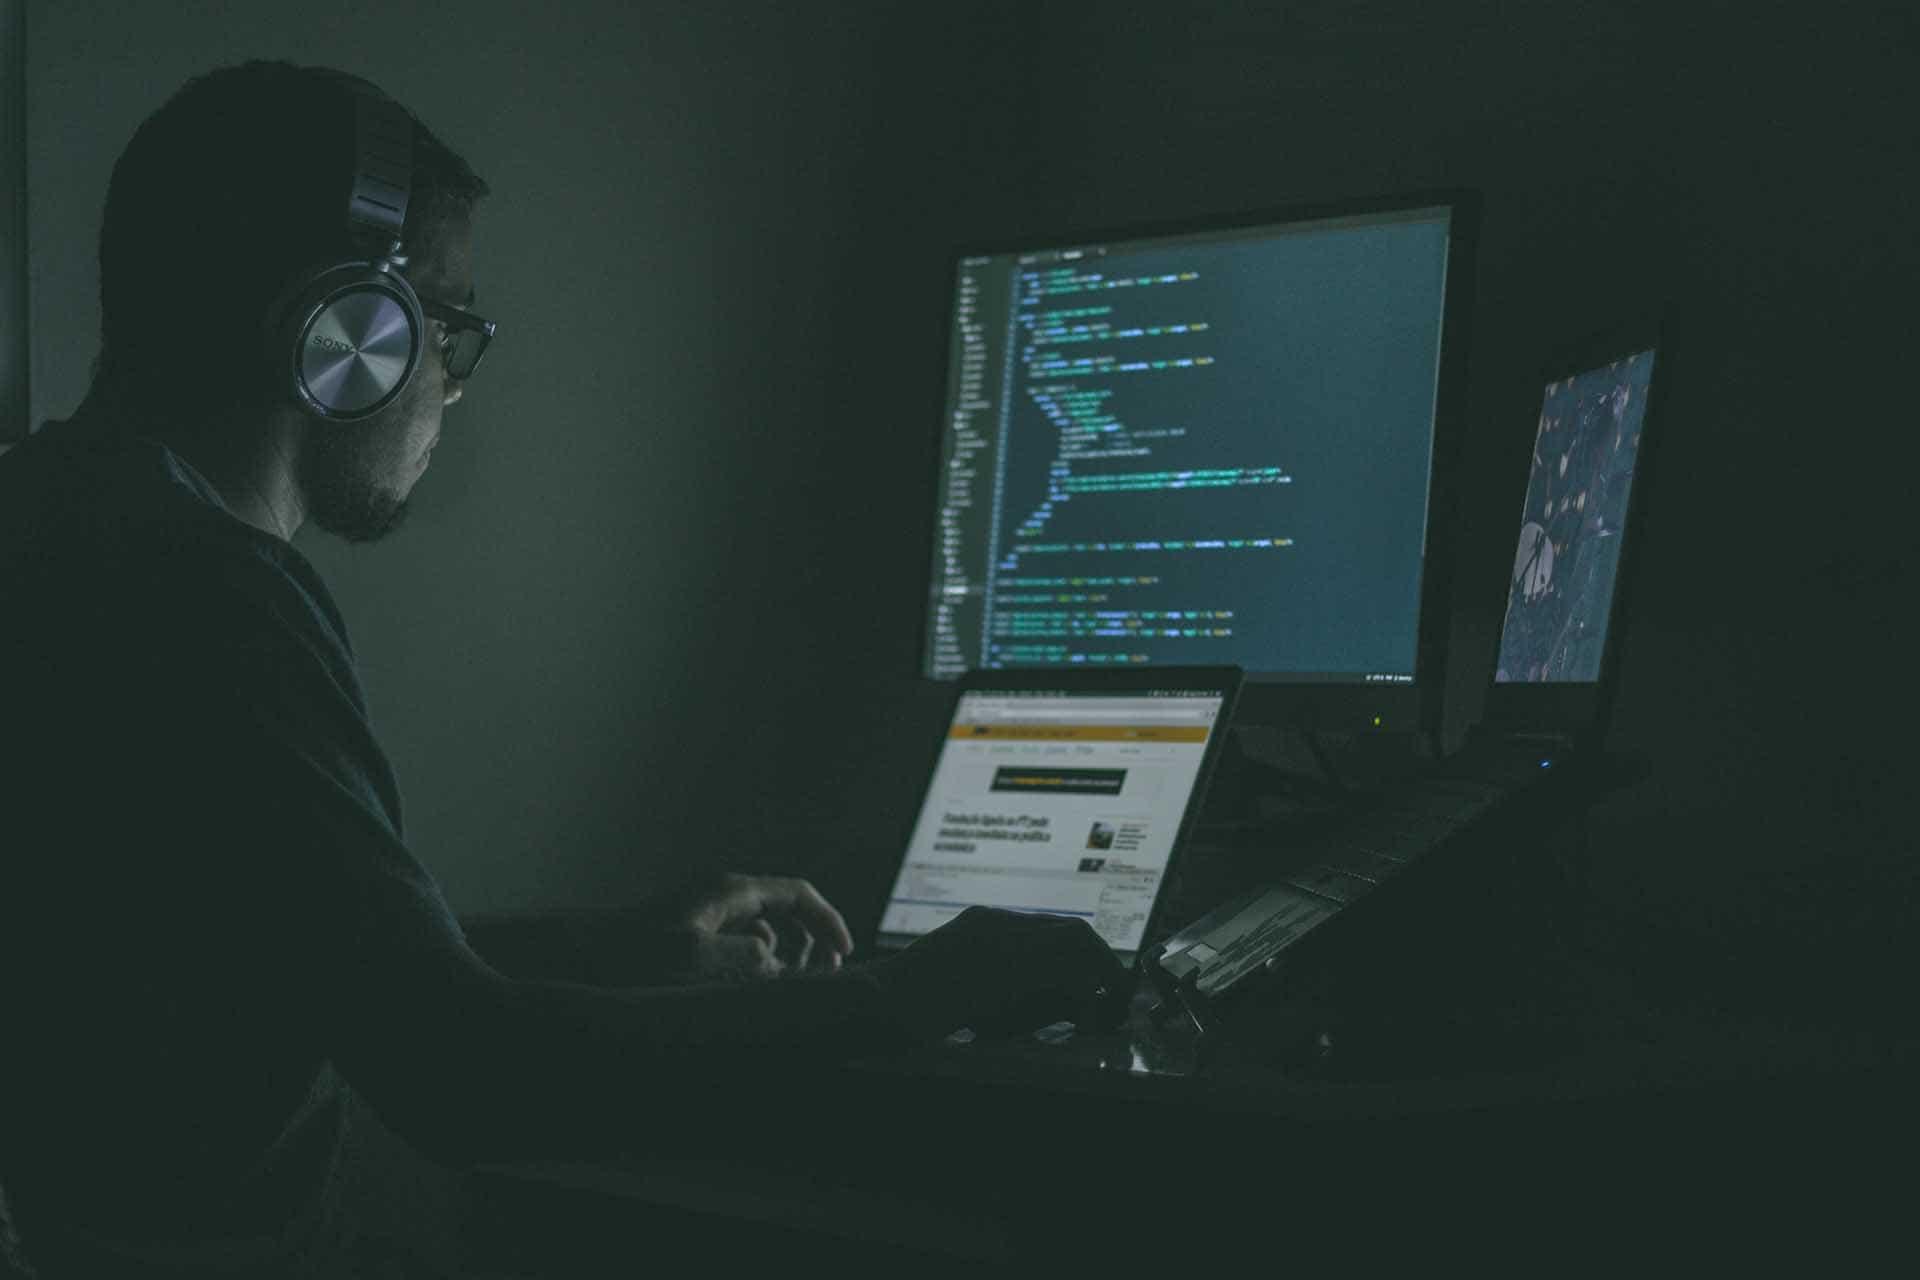 t2informatik Blog: Agiles Requirements Engineering